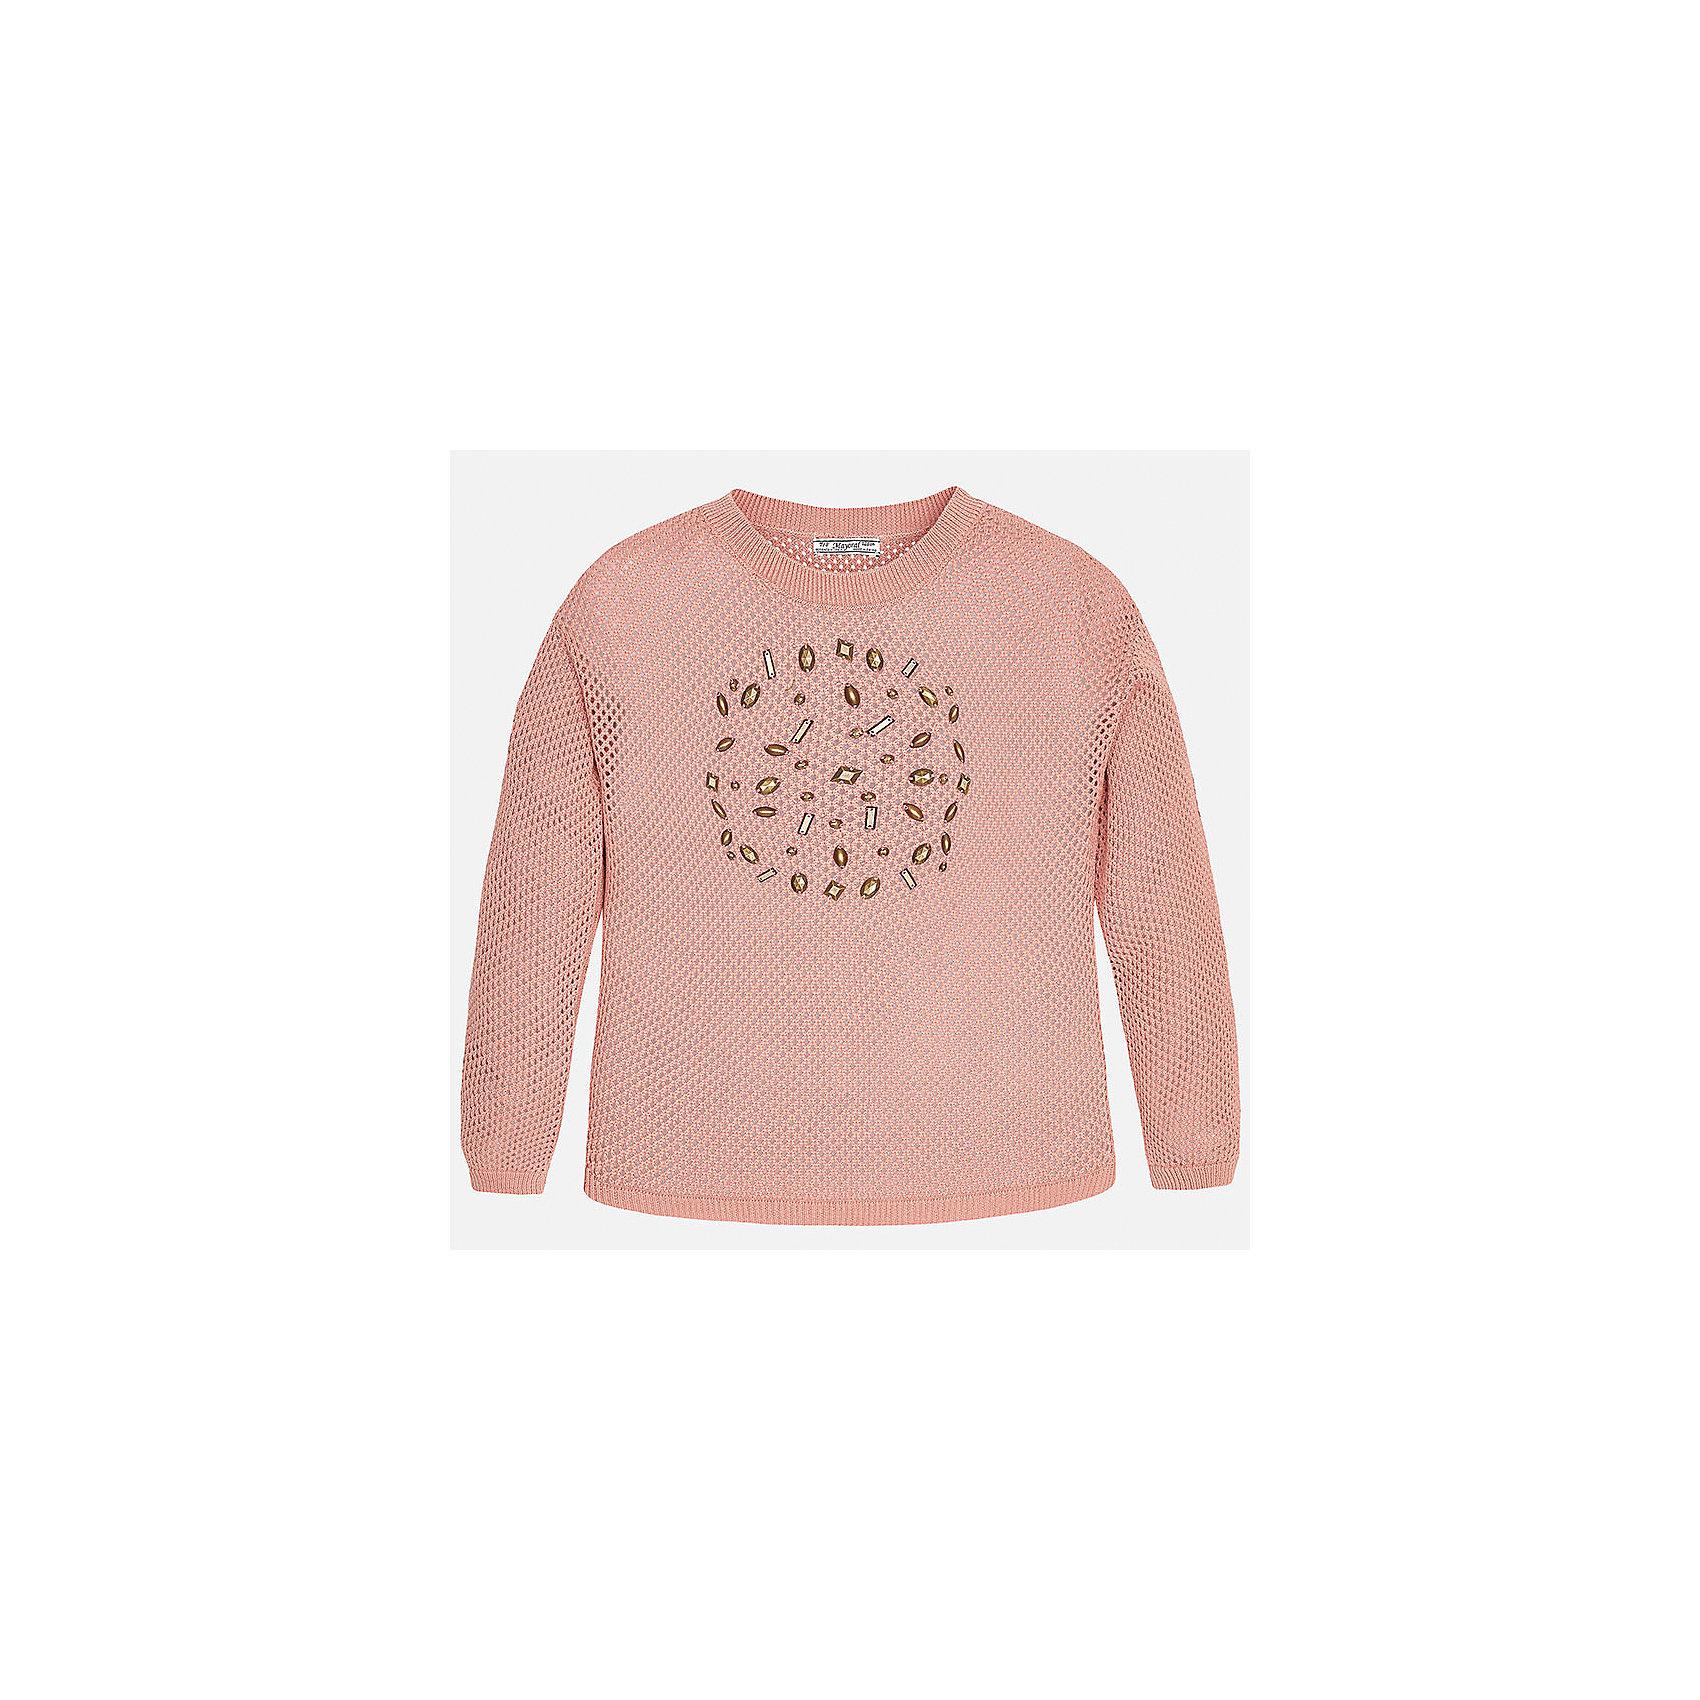 Свитер для девочки MayoralХарактеристики товара:<br><br>• цвет: розовый<br>• состав: 100% хлопок<br>• рукава длинные<br>• украшен бусинами<br>• горловой вырез округлый<br>• отделка краев<br>• страна бренда: Испания<br><br>Удобный и красивый свитер для девочки поможет разнообразить гардероб ребенка и украсить наряд. Он отлично сочетается и с юбками, и с брюками. Универсальный цвет позволяет подобрать к вещи низ различных расцветок. Интересная отделка модели делает её нарядной и оригинальной. <br><br>Одежда, обувь и аксессуары от испанского бренда Mayoral полюбились детям и взрослым по всему миру. Модели этой марки - стильные и удобные. Для их производства используются только безопасные, качественные материалы и фурнитура. Порадуйте ребенка модными и красивыми вещами от Mayoral! <br><br>Свитер для девочки от испанского бренда Mayoral (Майорал) можно купить в нашем интернет-магазине.<br><br>Ширина мм: 190<br>Глубина мм: 74<br>Высота мм: 229<br>Вес г: 236<br>Цвет: розовый<br>Возраст от месяцев: 168<br>Возраст до месяцев: 180<br>Пол: Женский<br>Возраст: Детский<br>Размер: 170,152,128/134,140,158,164<br>SKU: 5292762